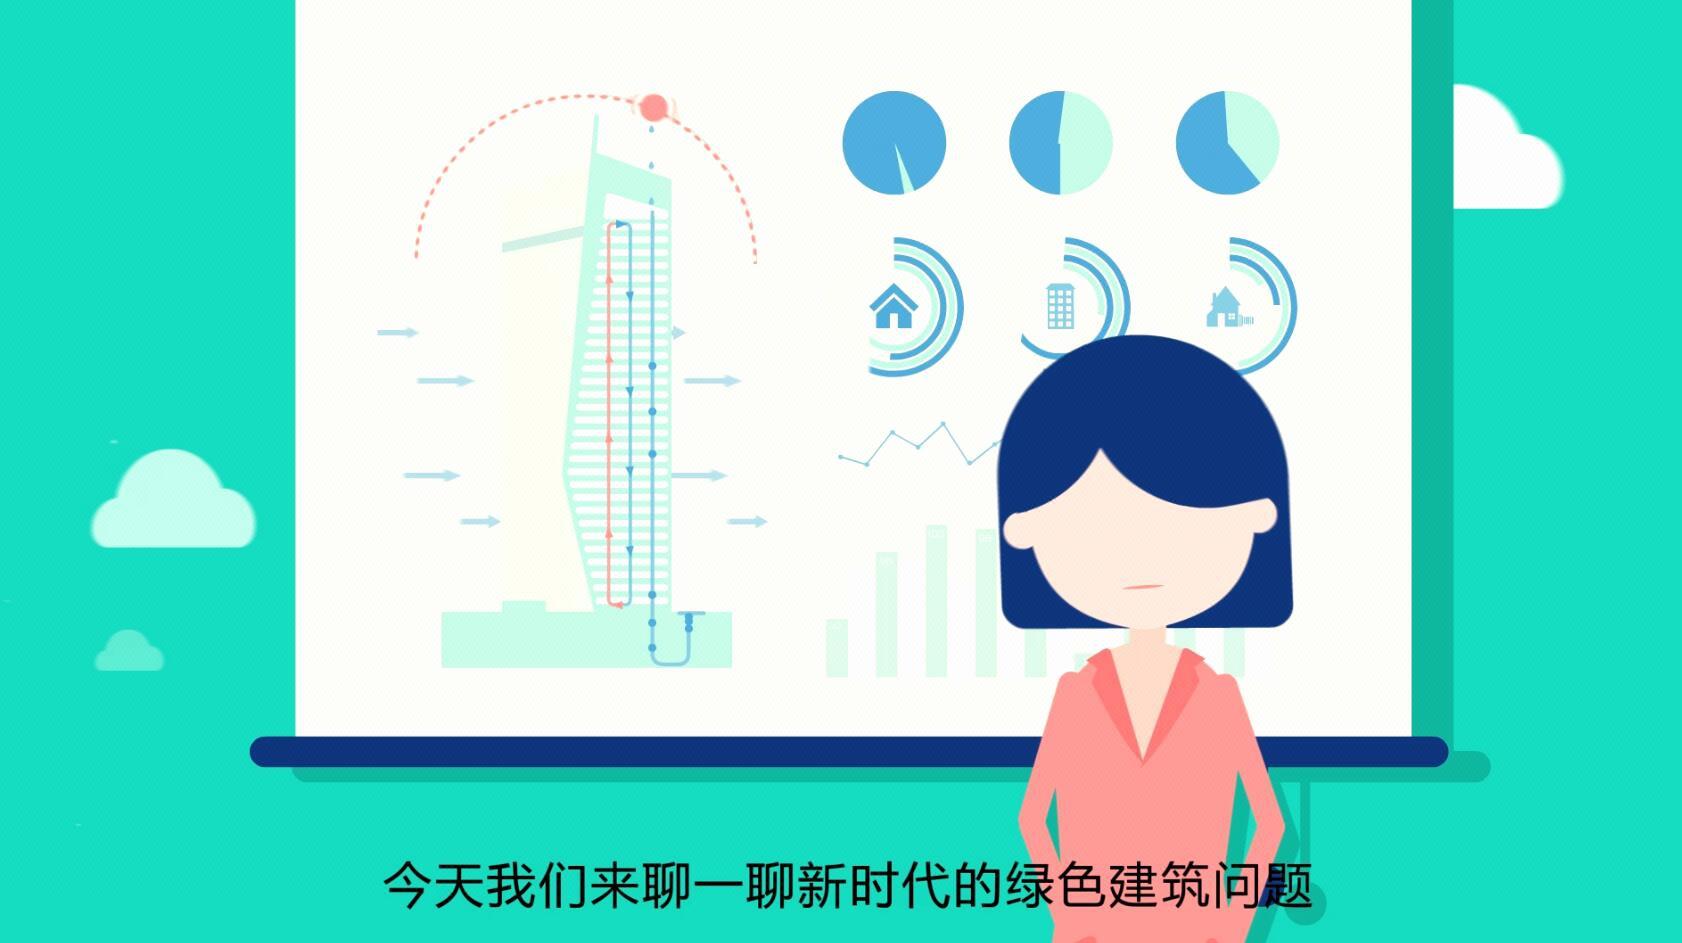 【聚划算】MG动画制作APP宣传片/FLASH宣传品牌短视频